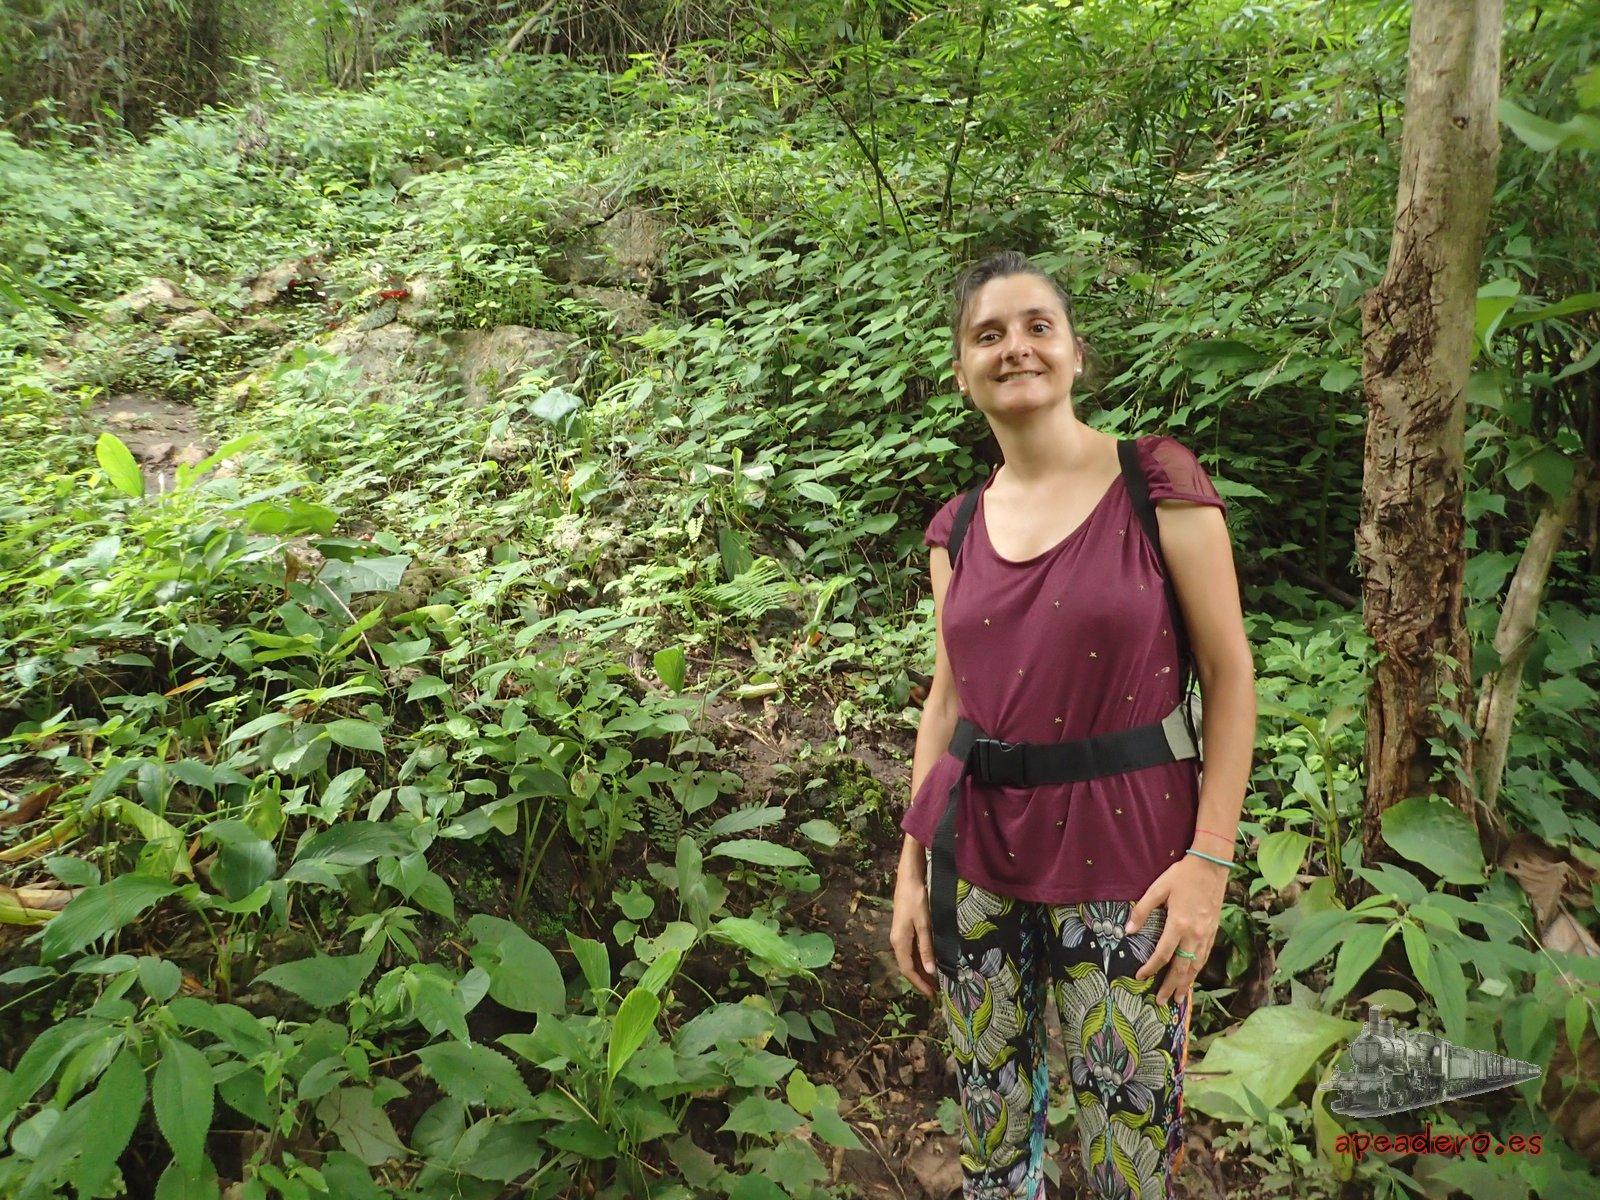 Nuria en el bosque